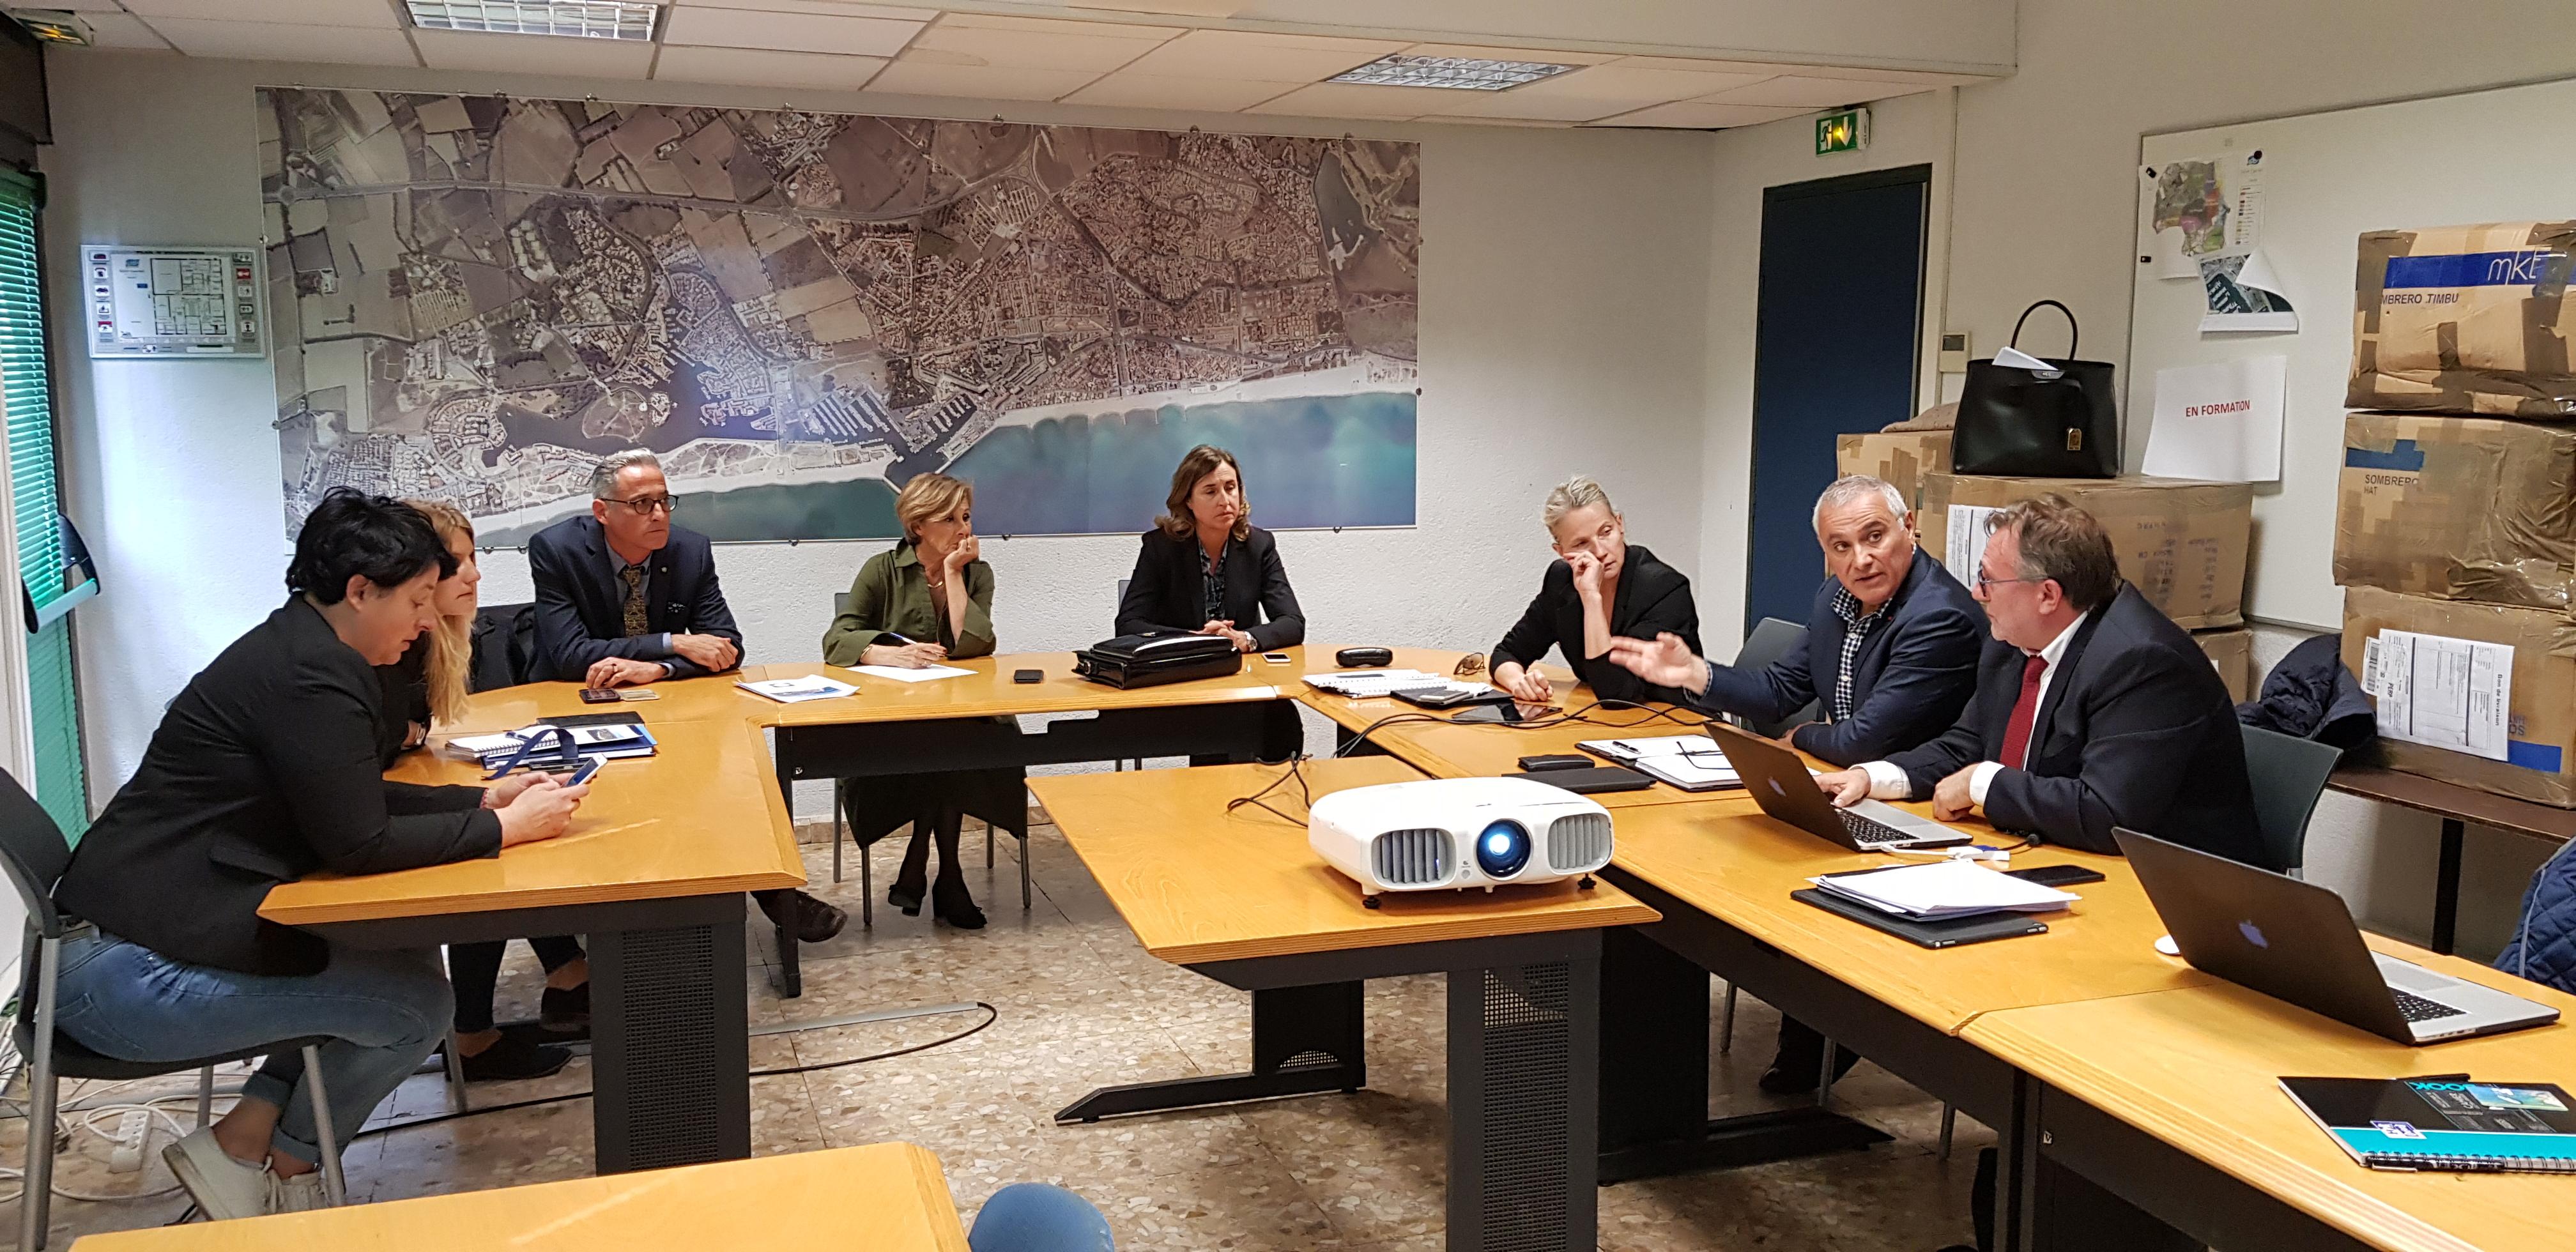 Réunion de travail sur le Grand Stade Bleu Nautique® de Saint-Cyprien / Sud Roussillon